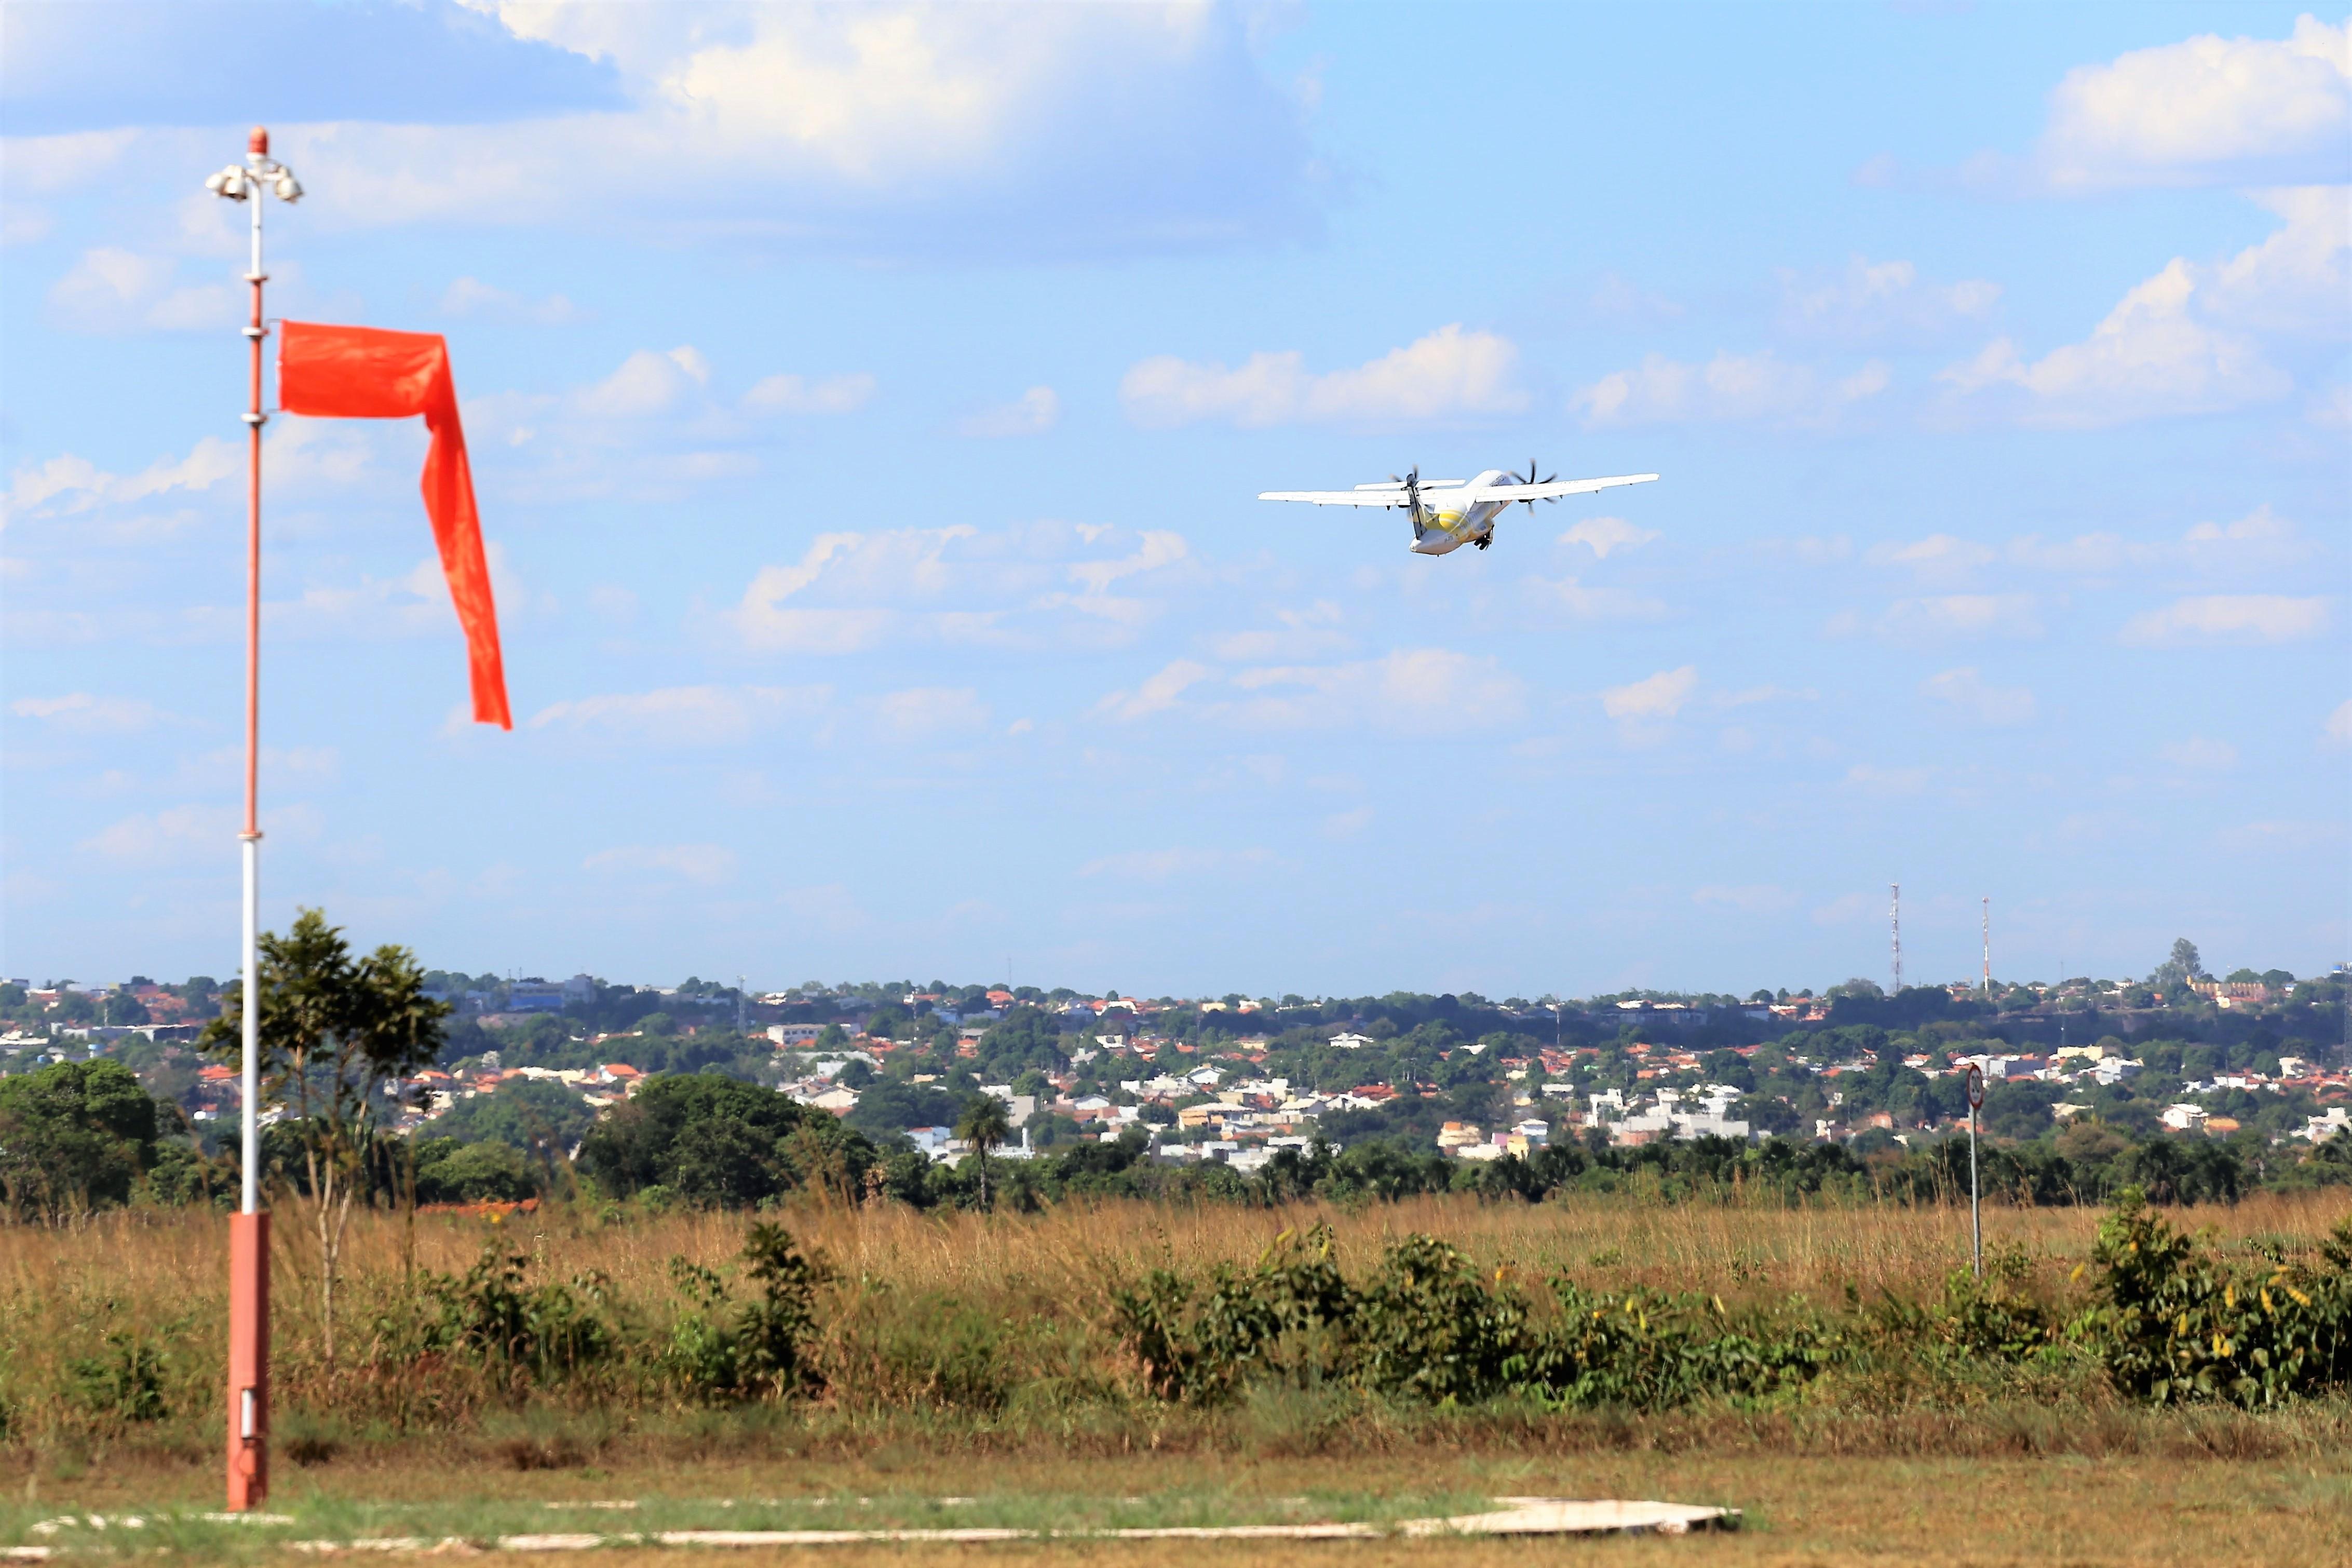 Atualmente, a orientação para pouso é realizada por comunicação de voz entre o piloto e funcionários do aeroporto, que analisam visualmente as condições – Fotos: Marcos Sandes/Ascom